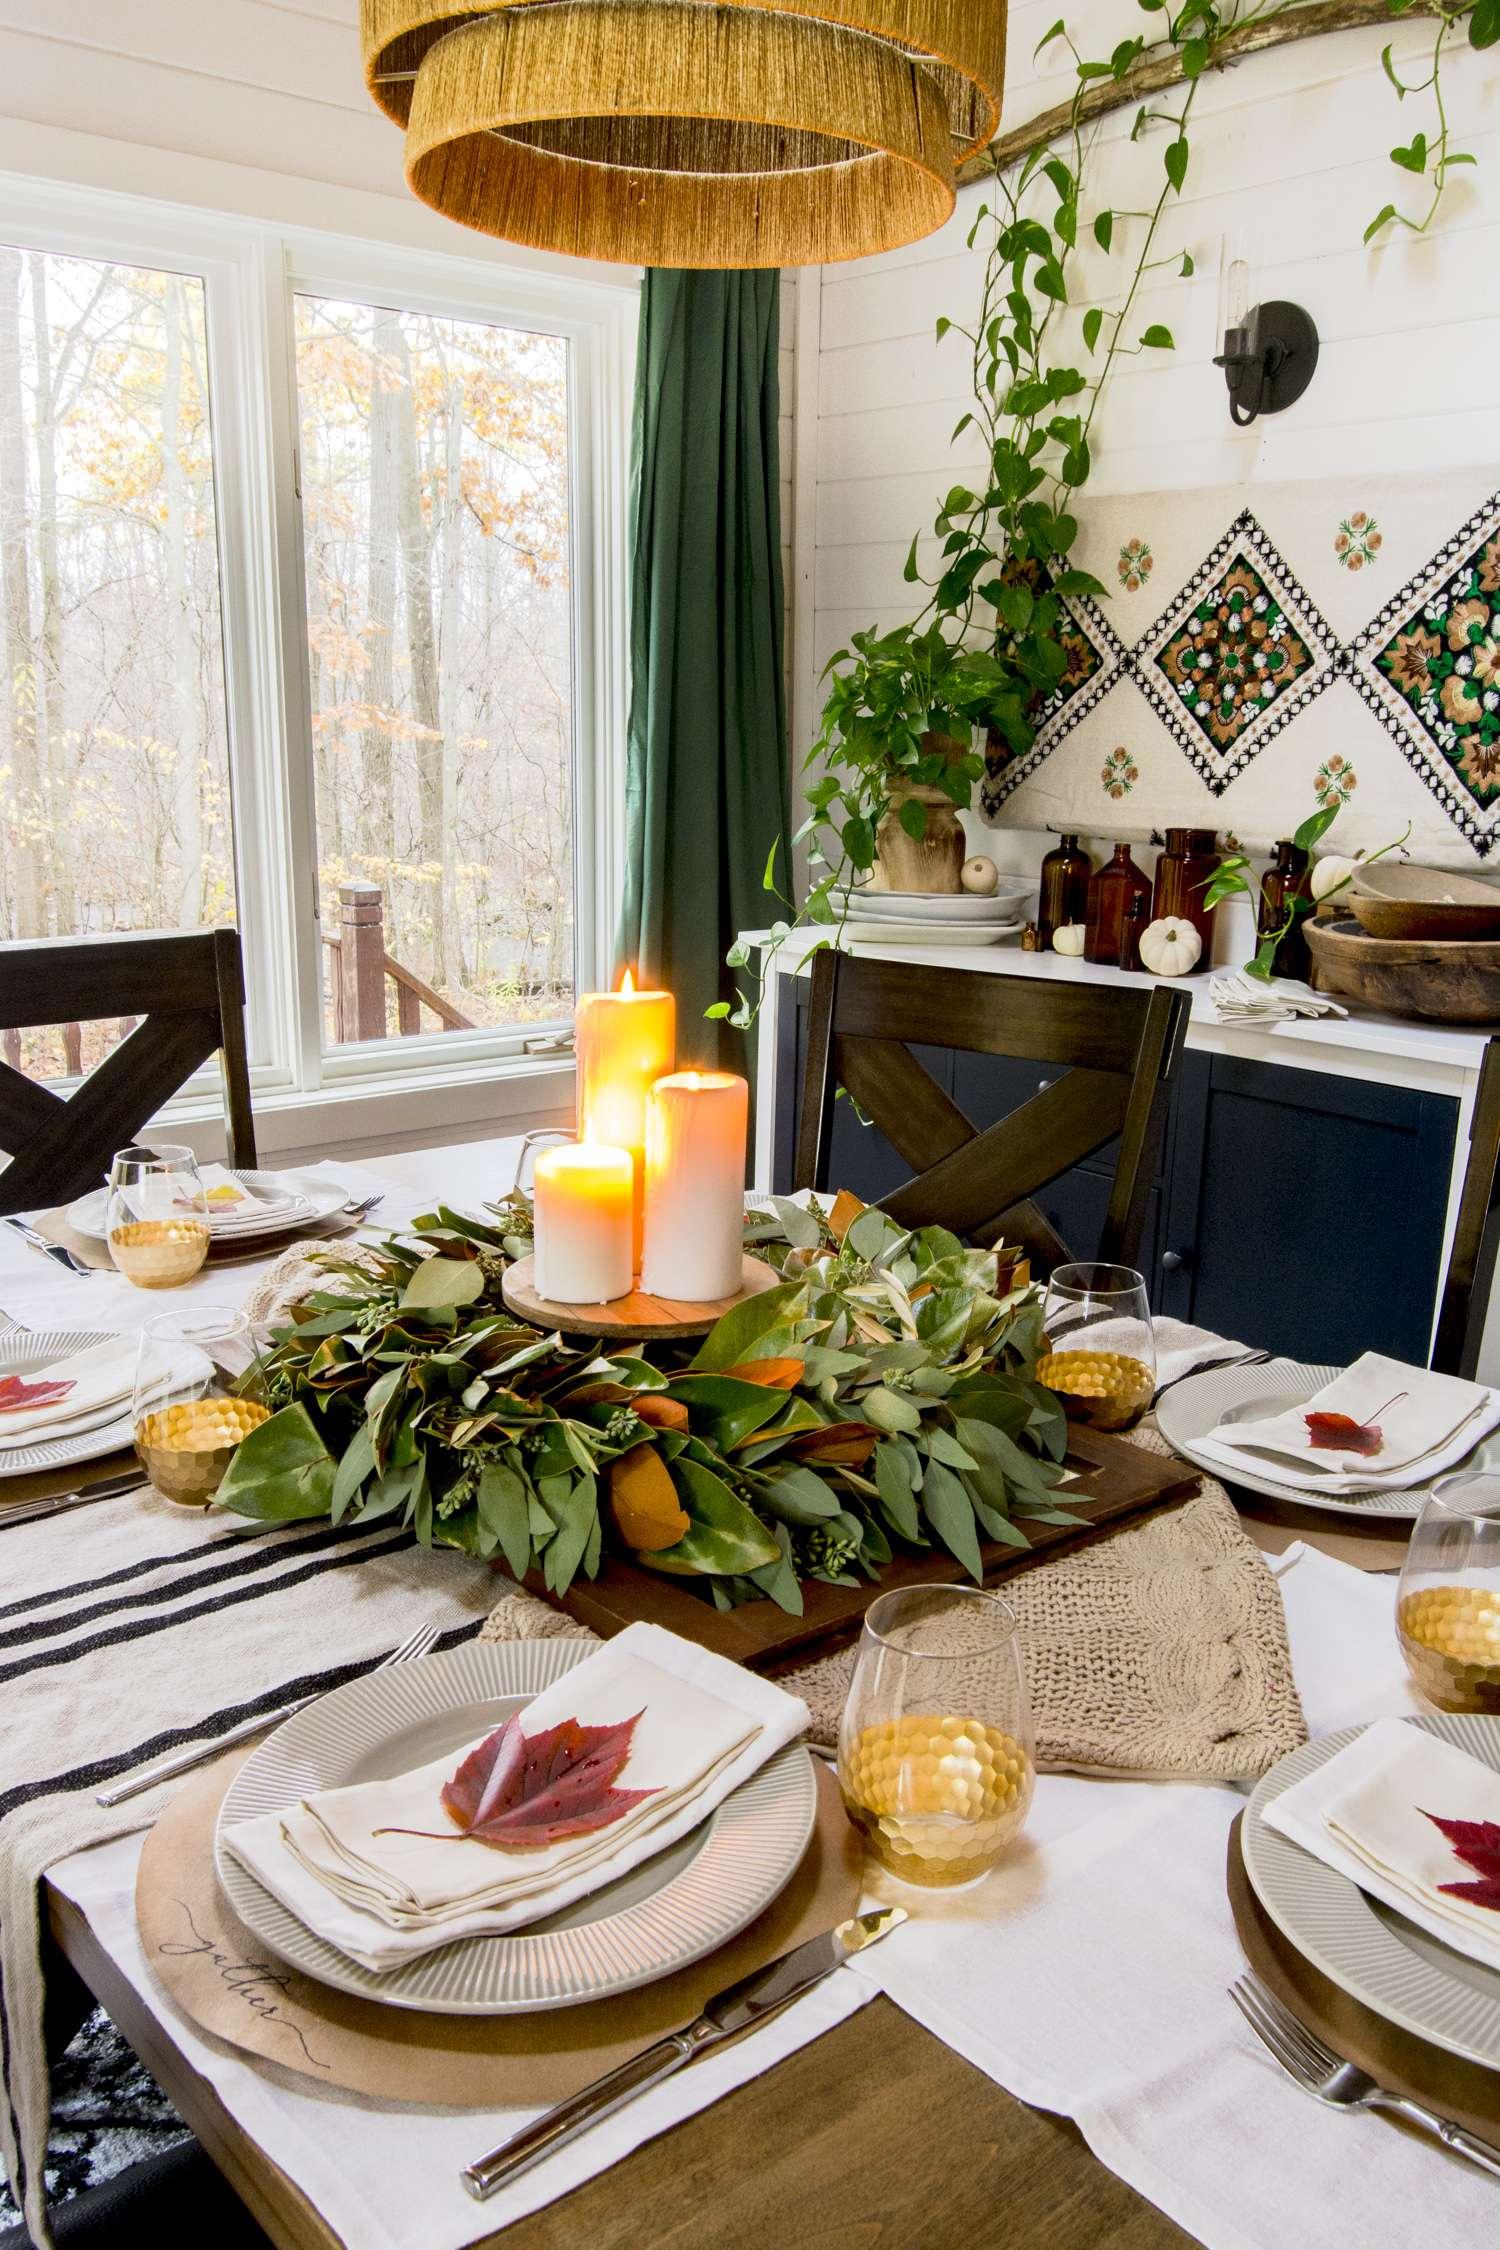 Fall table decor for Thanksgiving dinner.